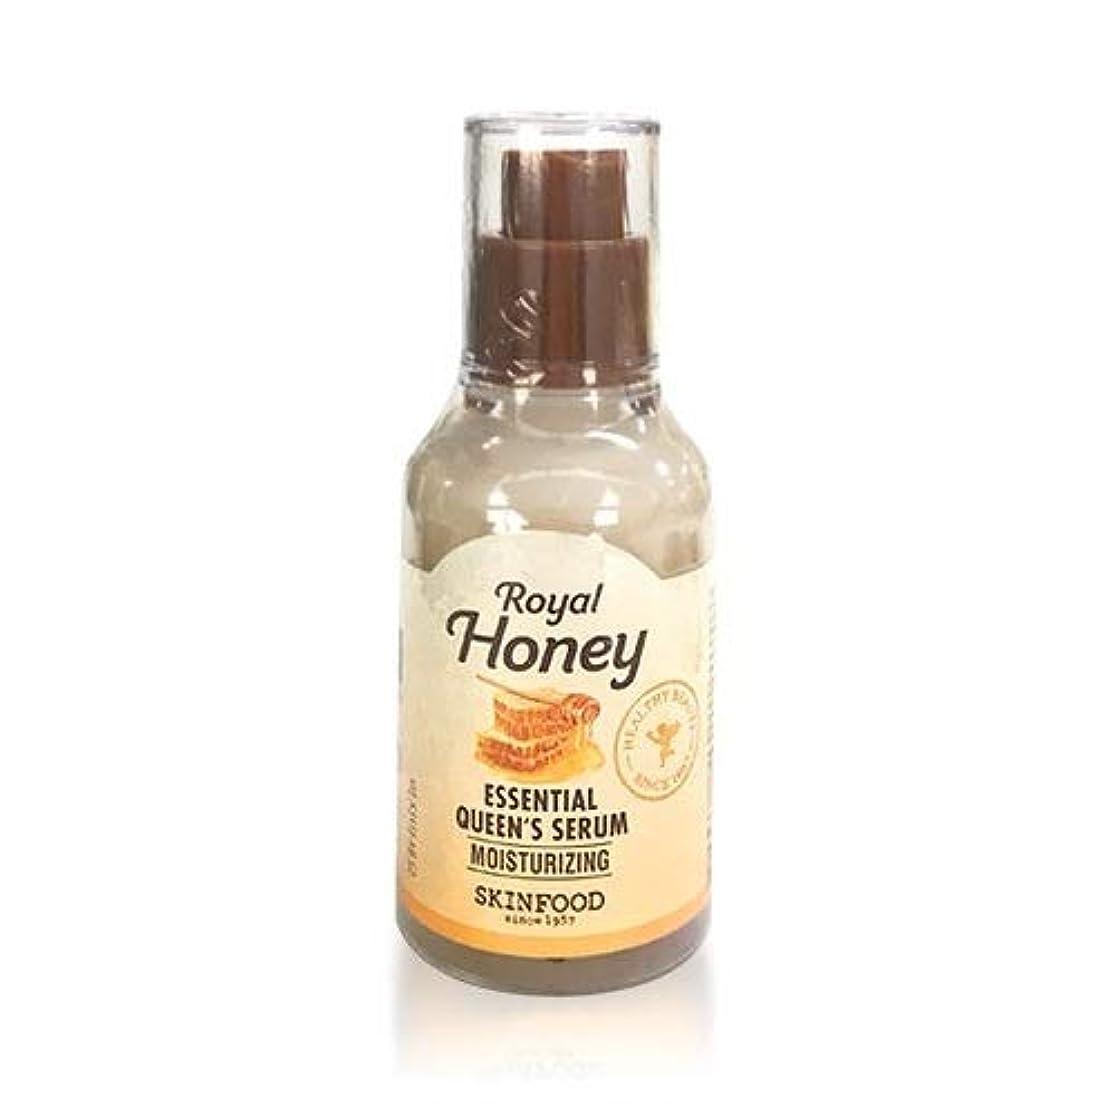 スーダンダイヤル実験をする[リニューアル] スキンフード ロイヤルハニーエッセンシャル クィーンズセラム 美容液 50ml / SKINFOOD Royal Honey Essential Queen's Serum 50ml [並行輸入品]